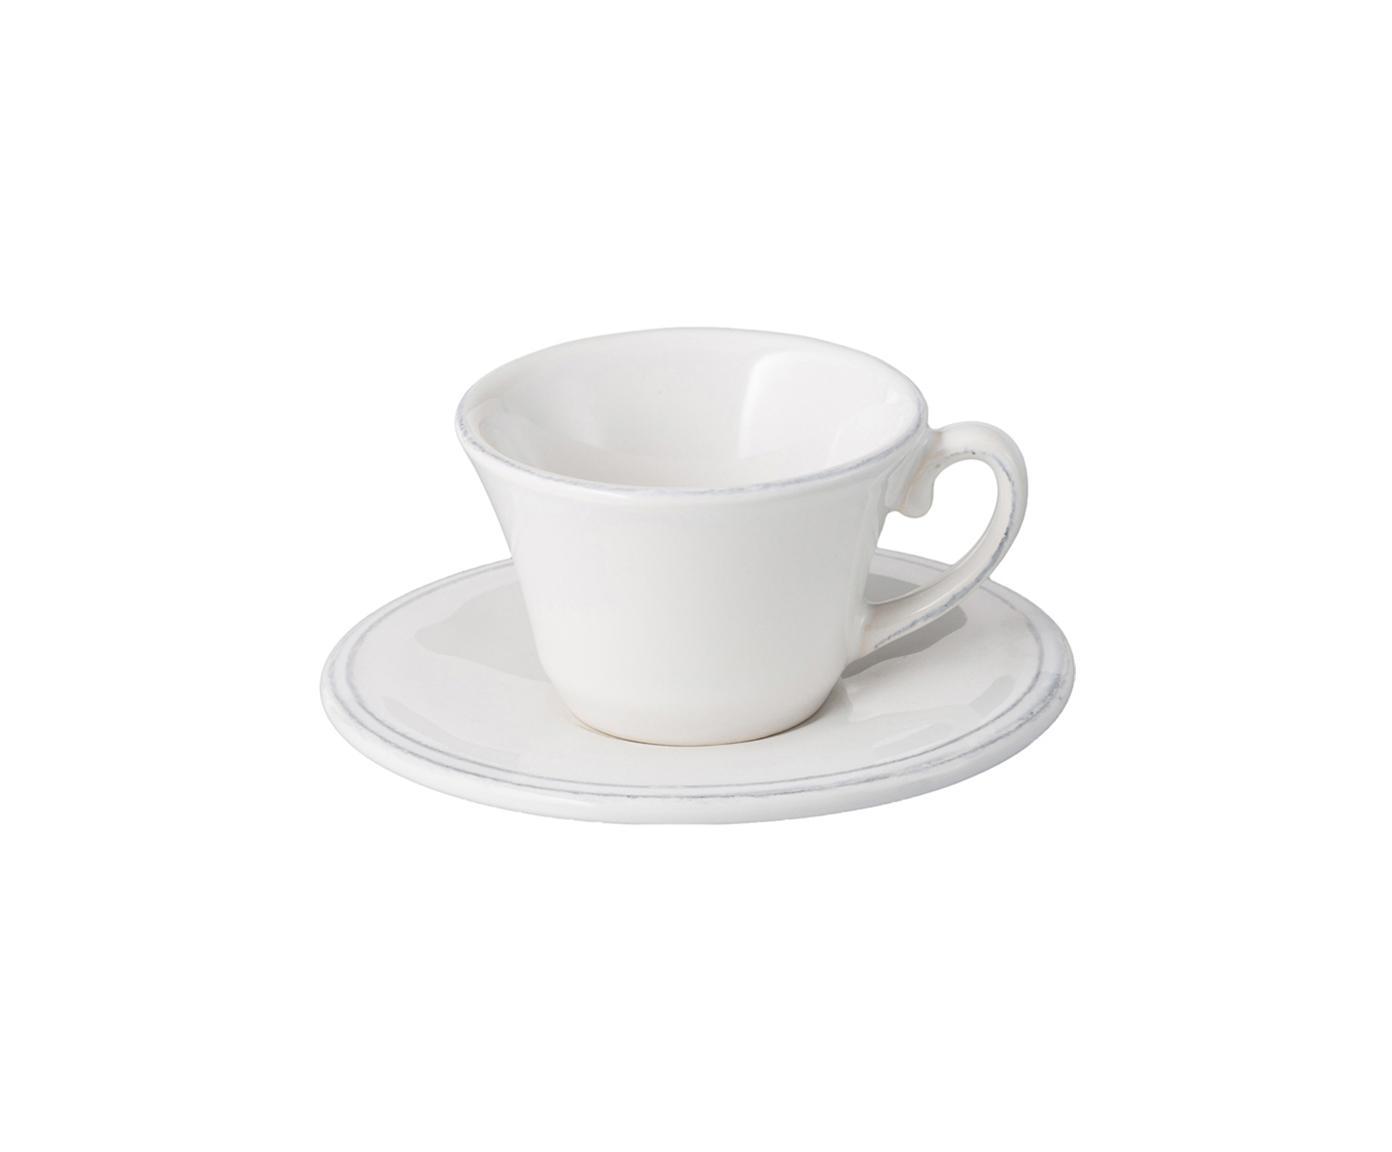 Espressotassen mit Untertassen Constance im Landhaus Style, 6 Stück, Steingut, Weiss, Ø 13 x H 6 cm